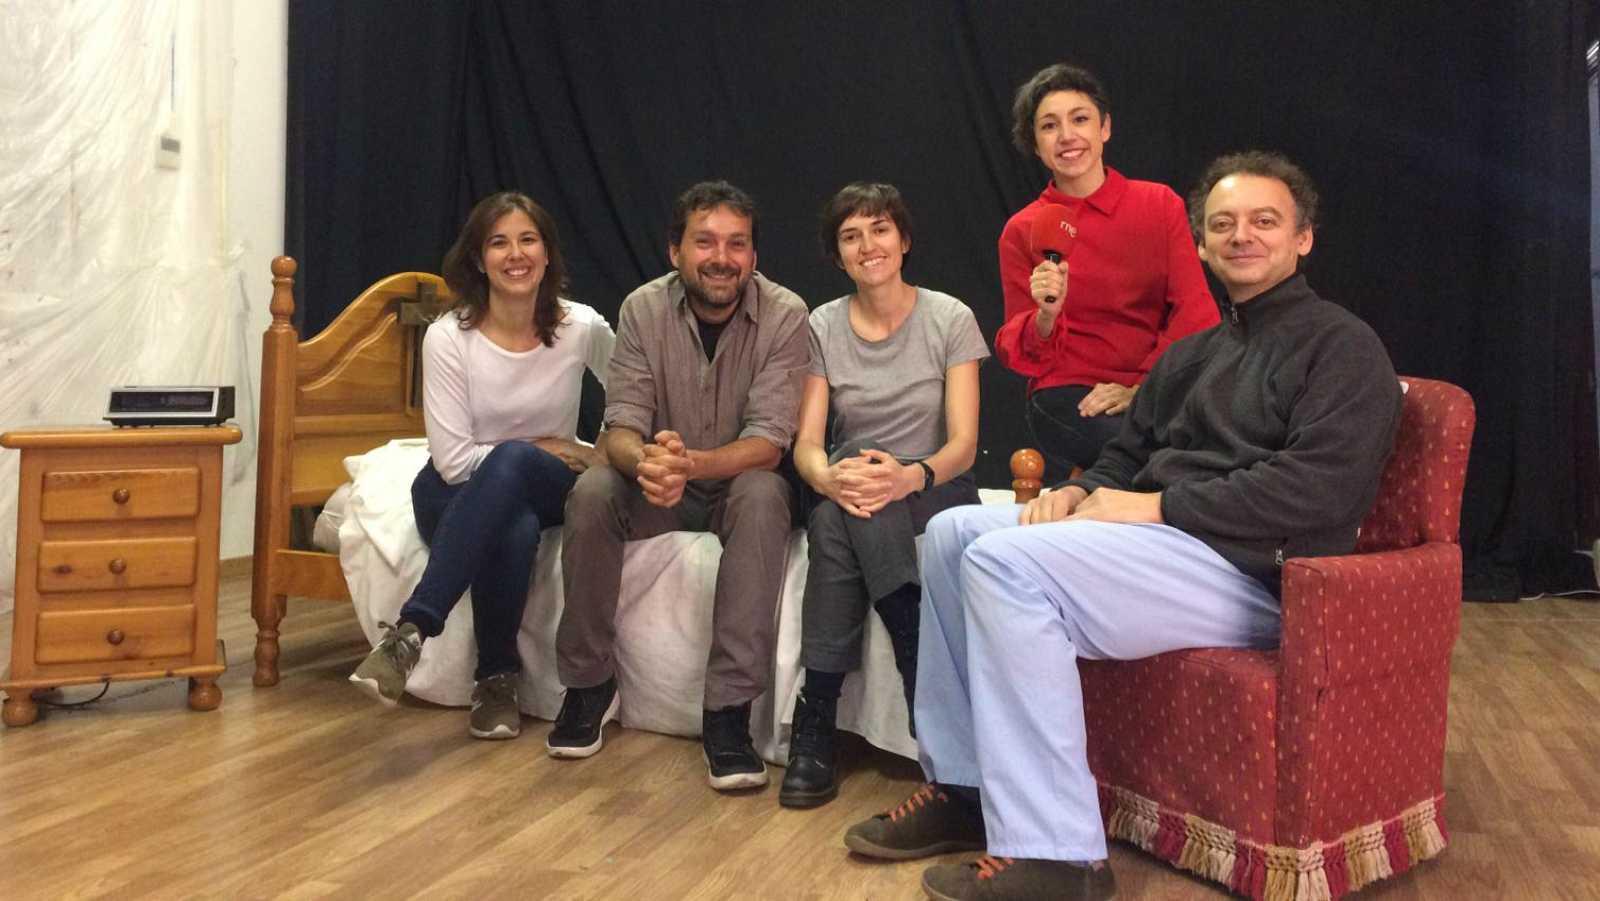 La sala - 'Las peladas', por Noemí Martínez - 07/03/19 - Escuchar ahora